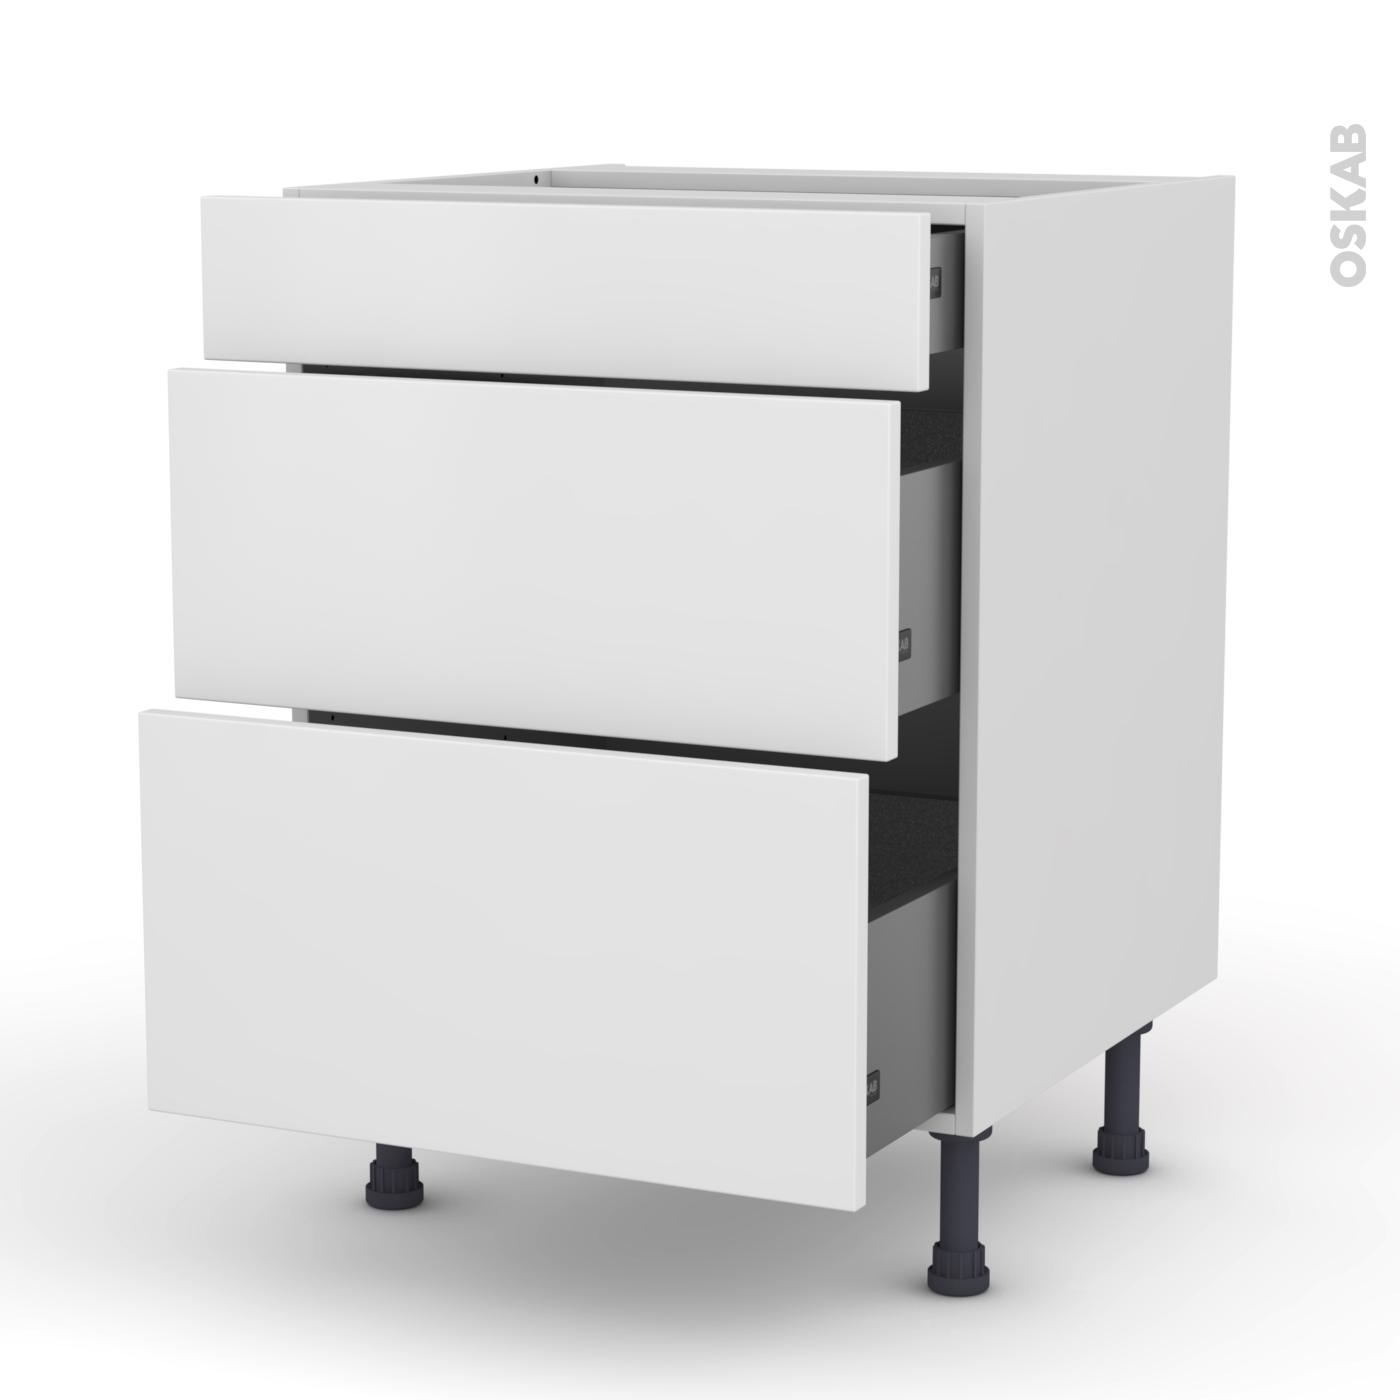 Meuble de cuisine Casserolier GINKO Blanc, 15 tiroirs, L15 x H15 x P15 cm